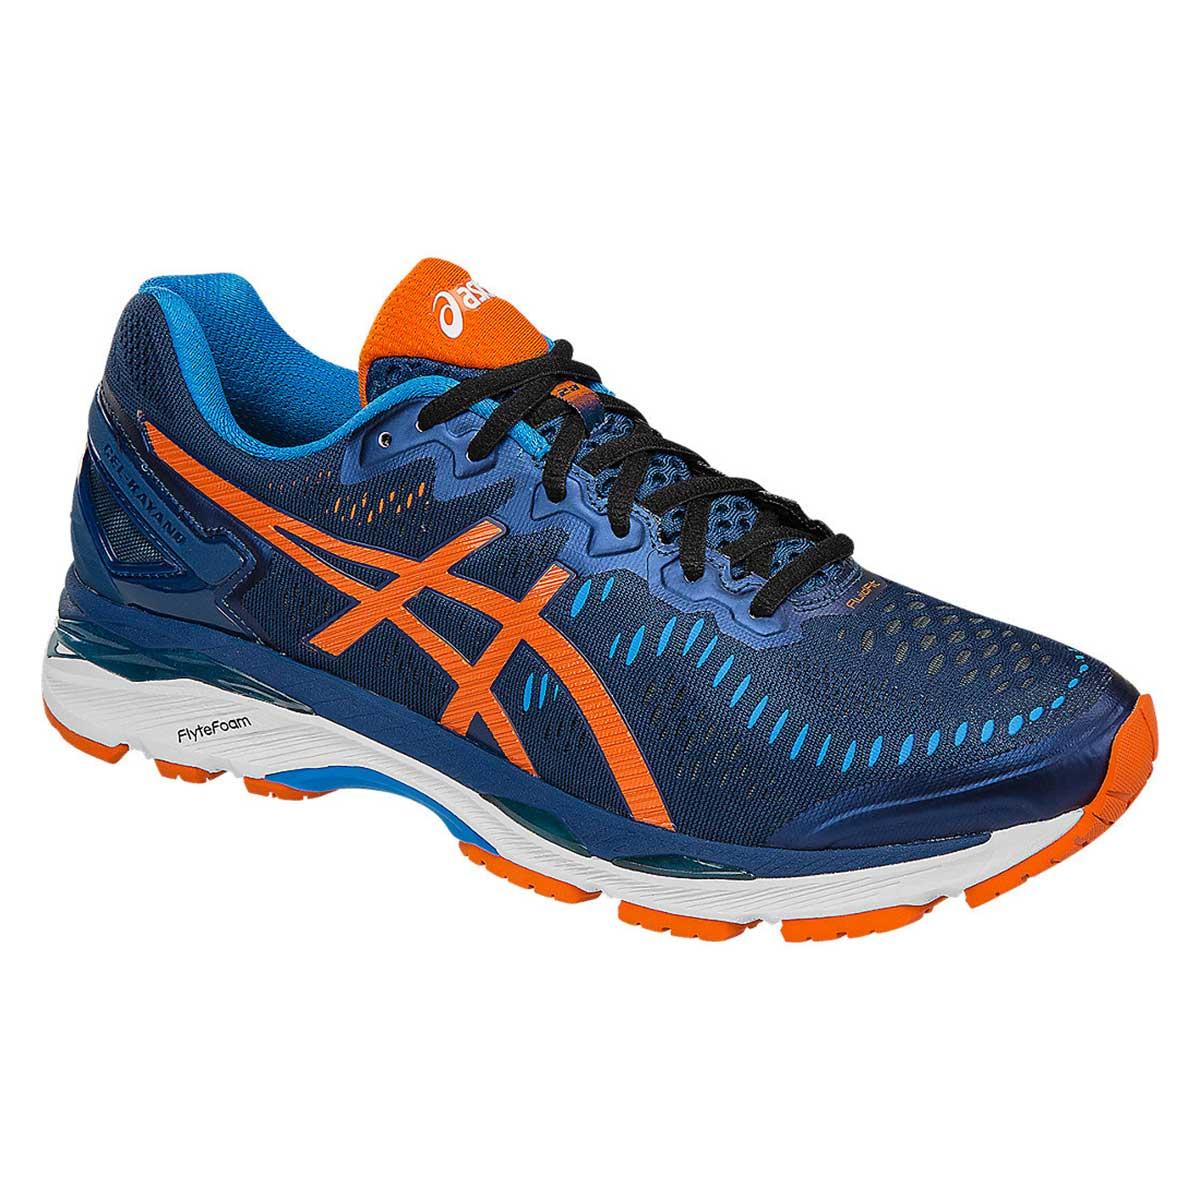 Buy Asics Gel-Kayano 23 Running Shoes